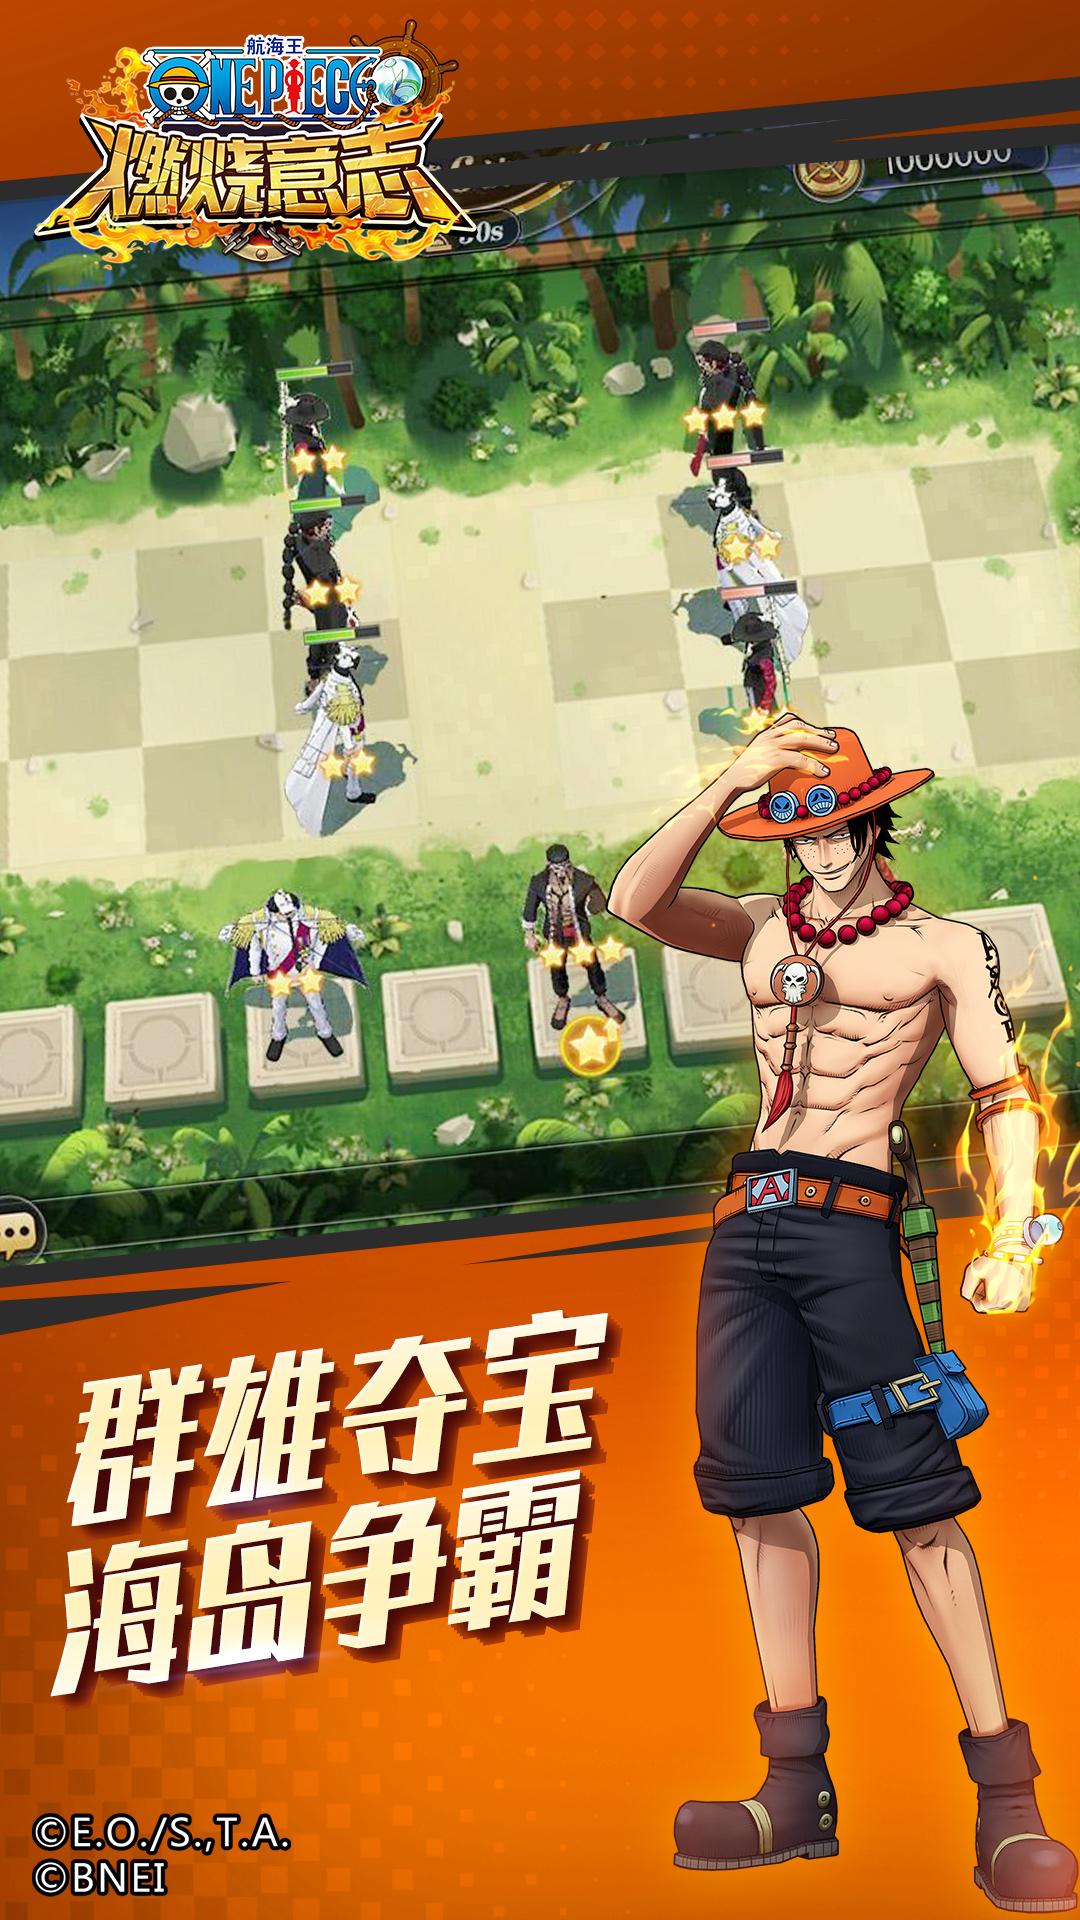 航海王:燃烧意志—3D正版游戏截图